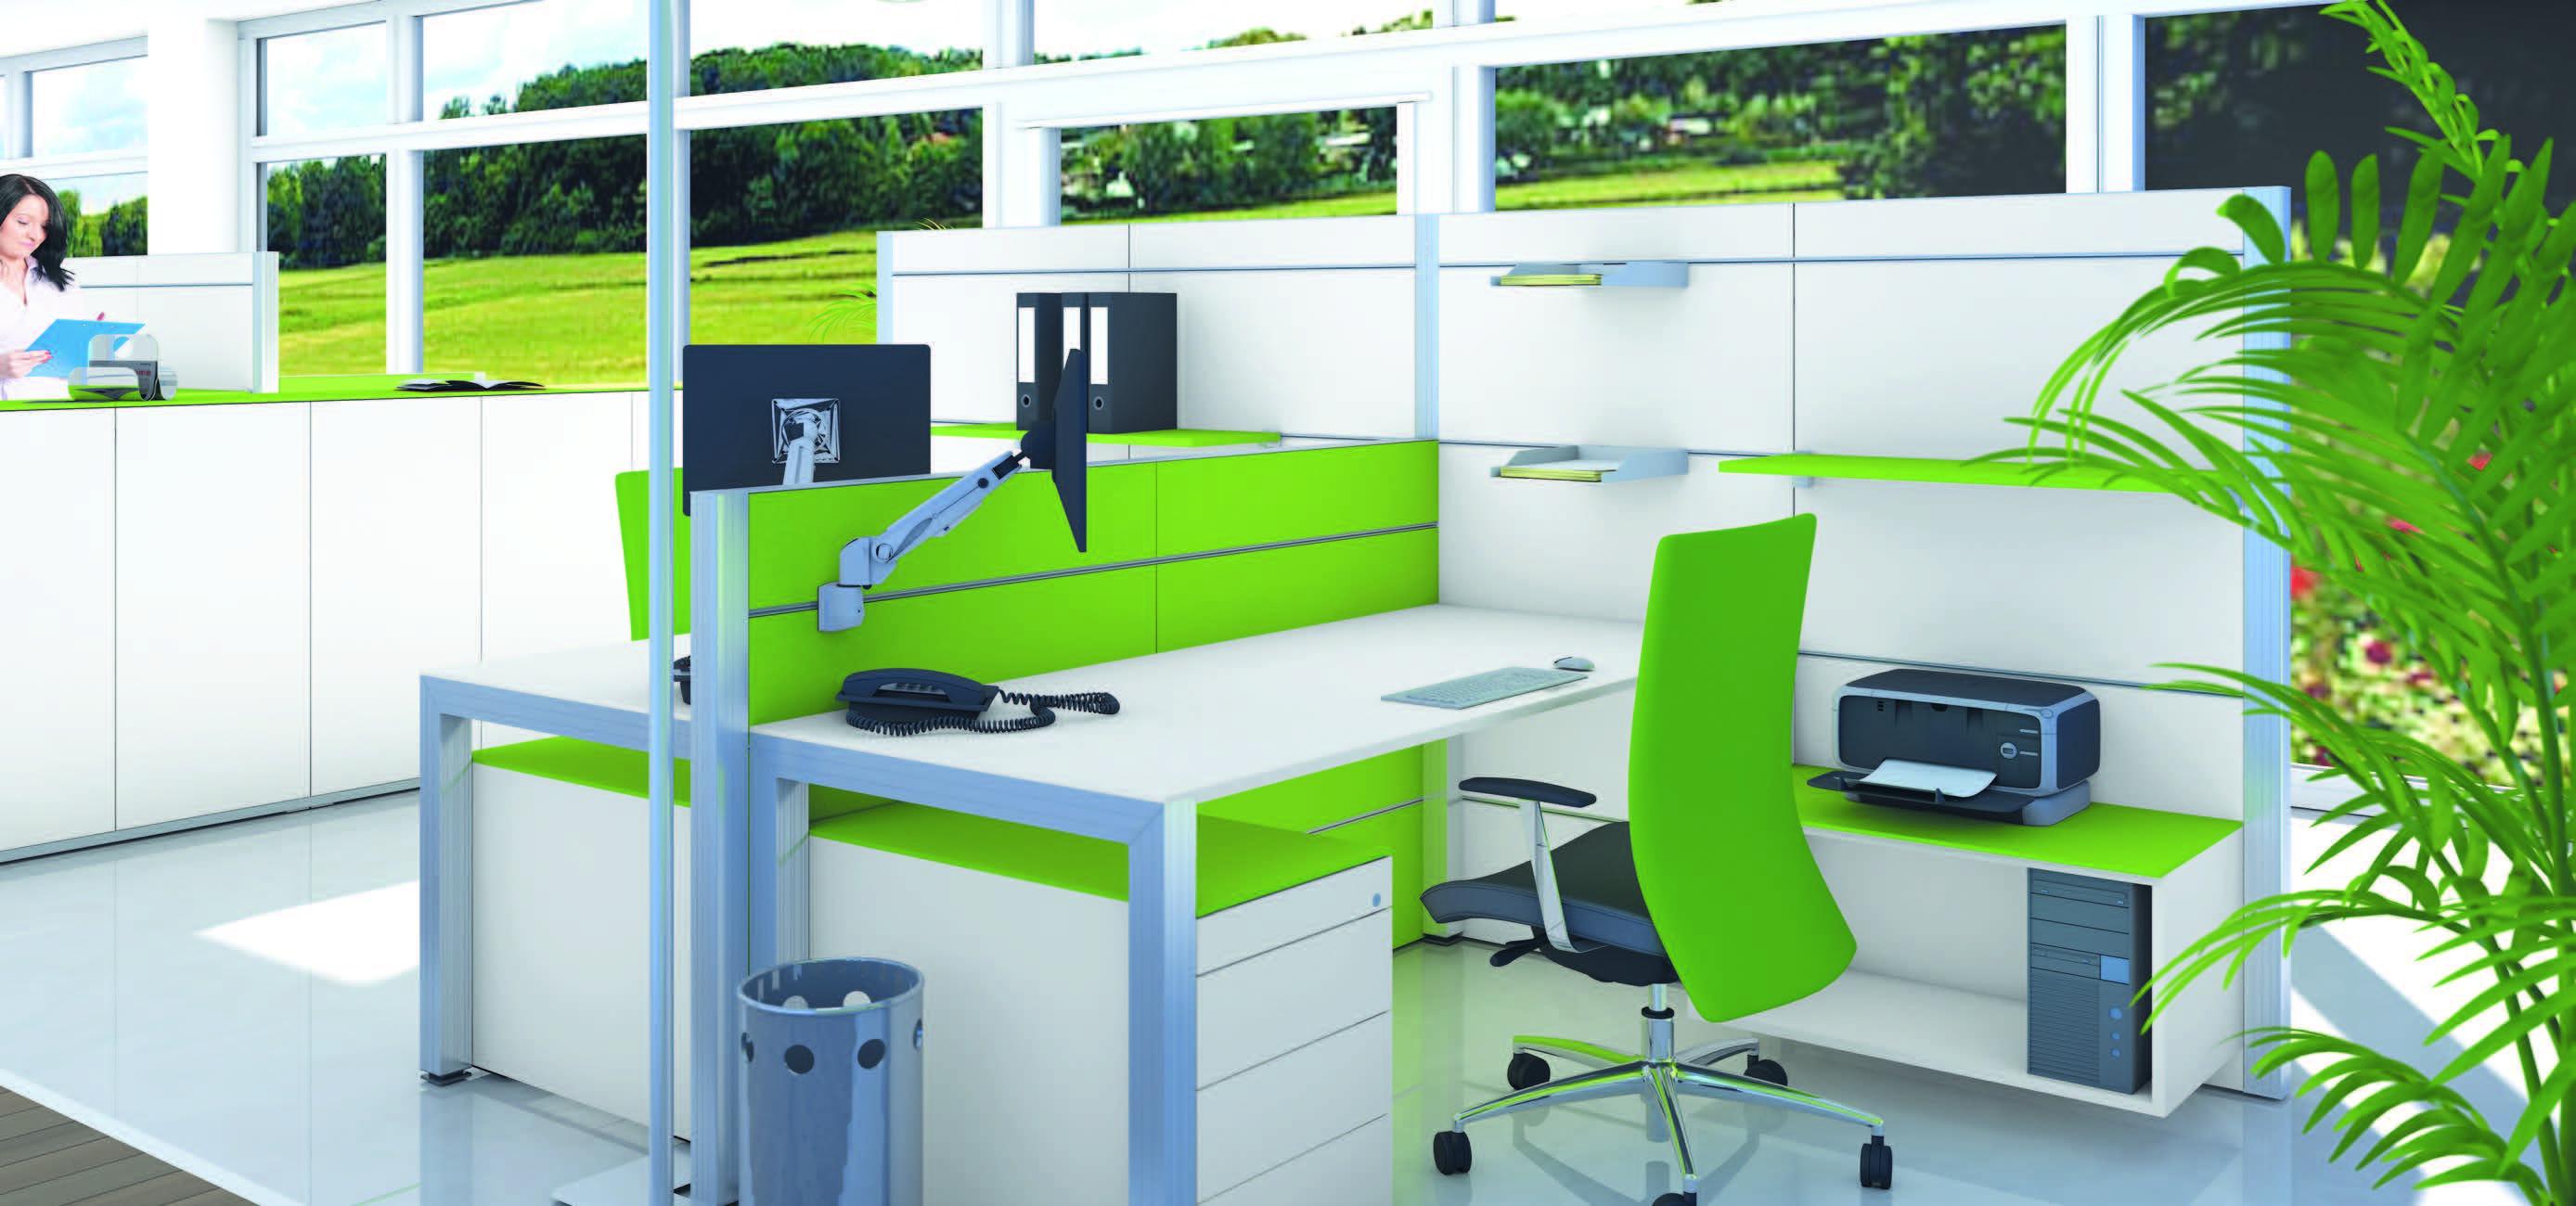 Klain Büromöbel in Visbek